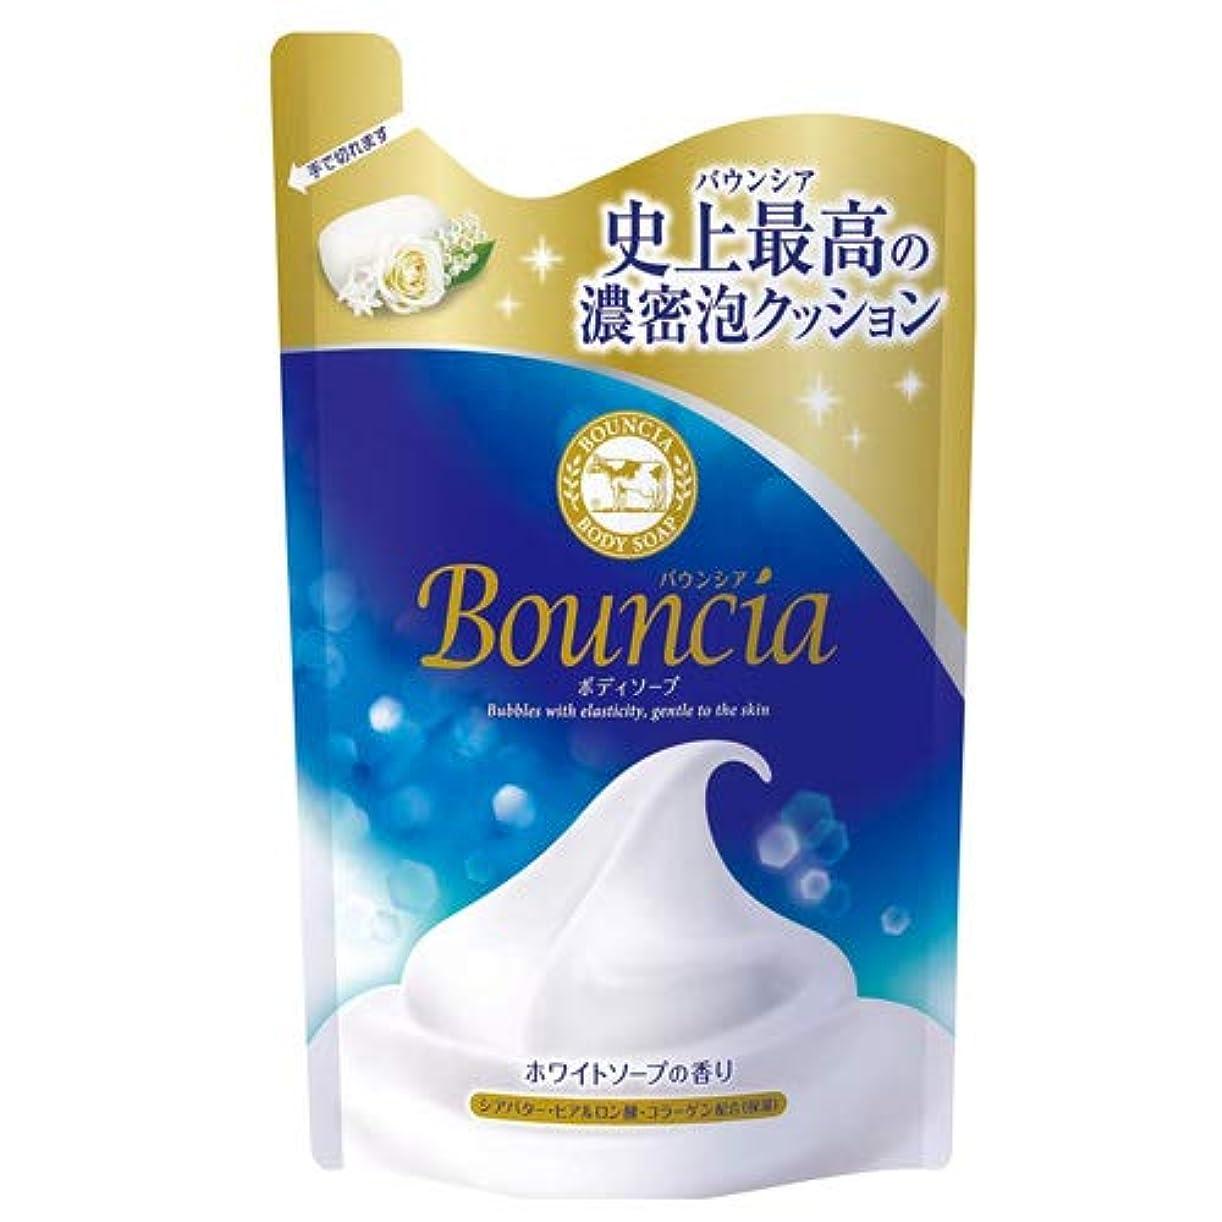 注文サルベージ上陸牛乳石鹸 バウンシア ボディソープ 詰替用 400ml×4個